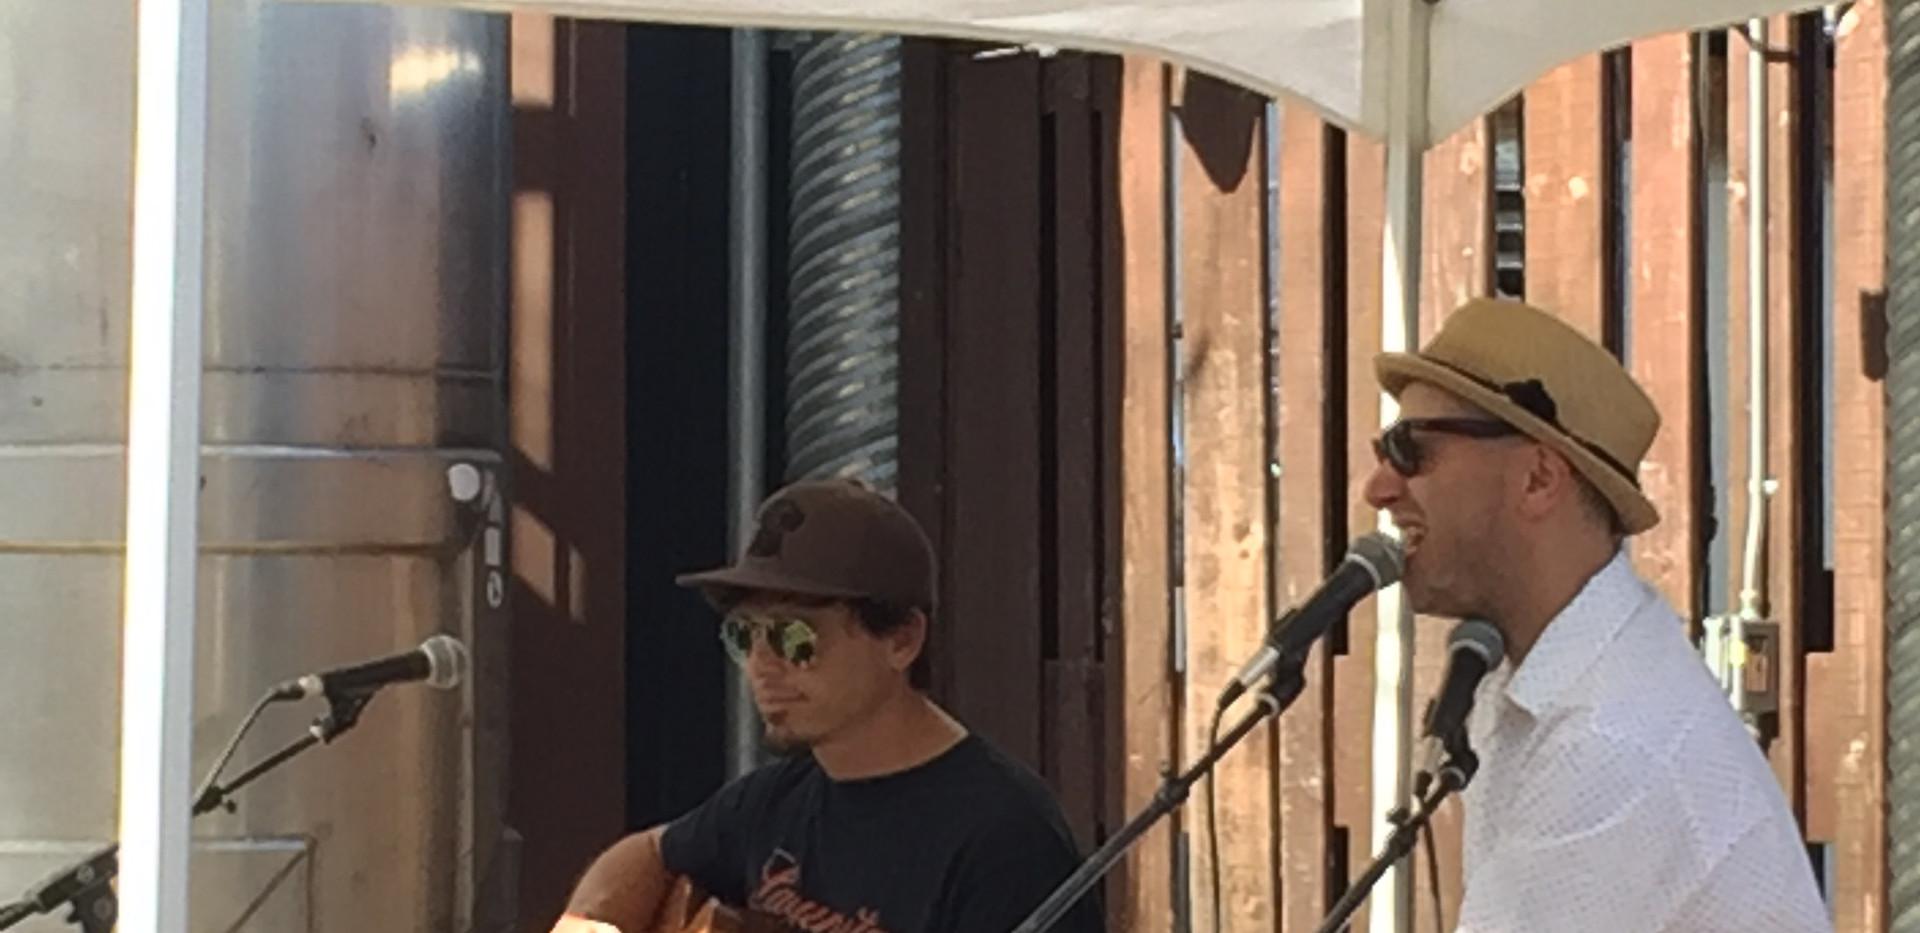 Ragtag Sullivan Duo at Lagunitas, Petaluma